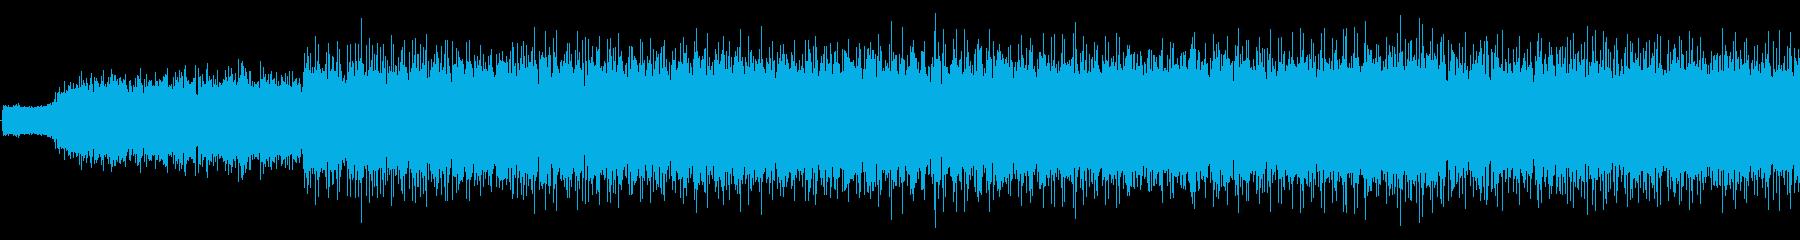 不気味な「ハロウィーン」タイプの配...の再生済みの波形